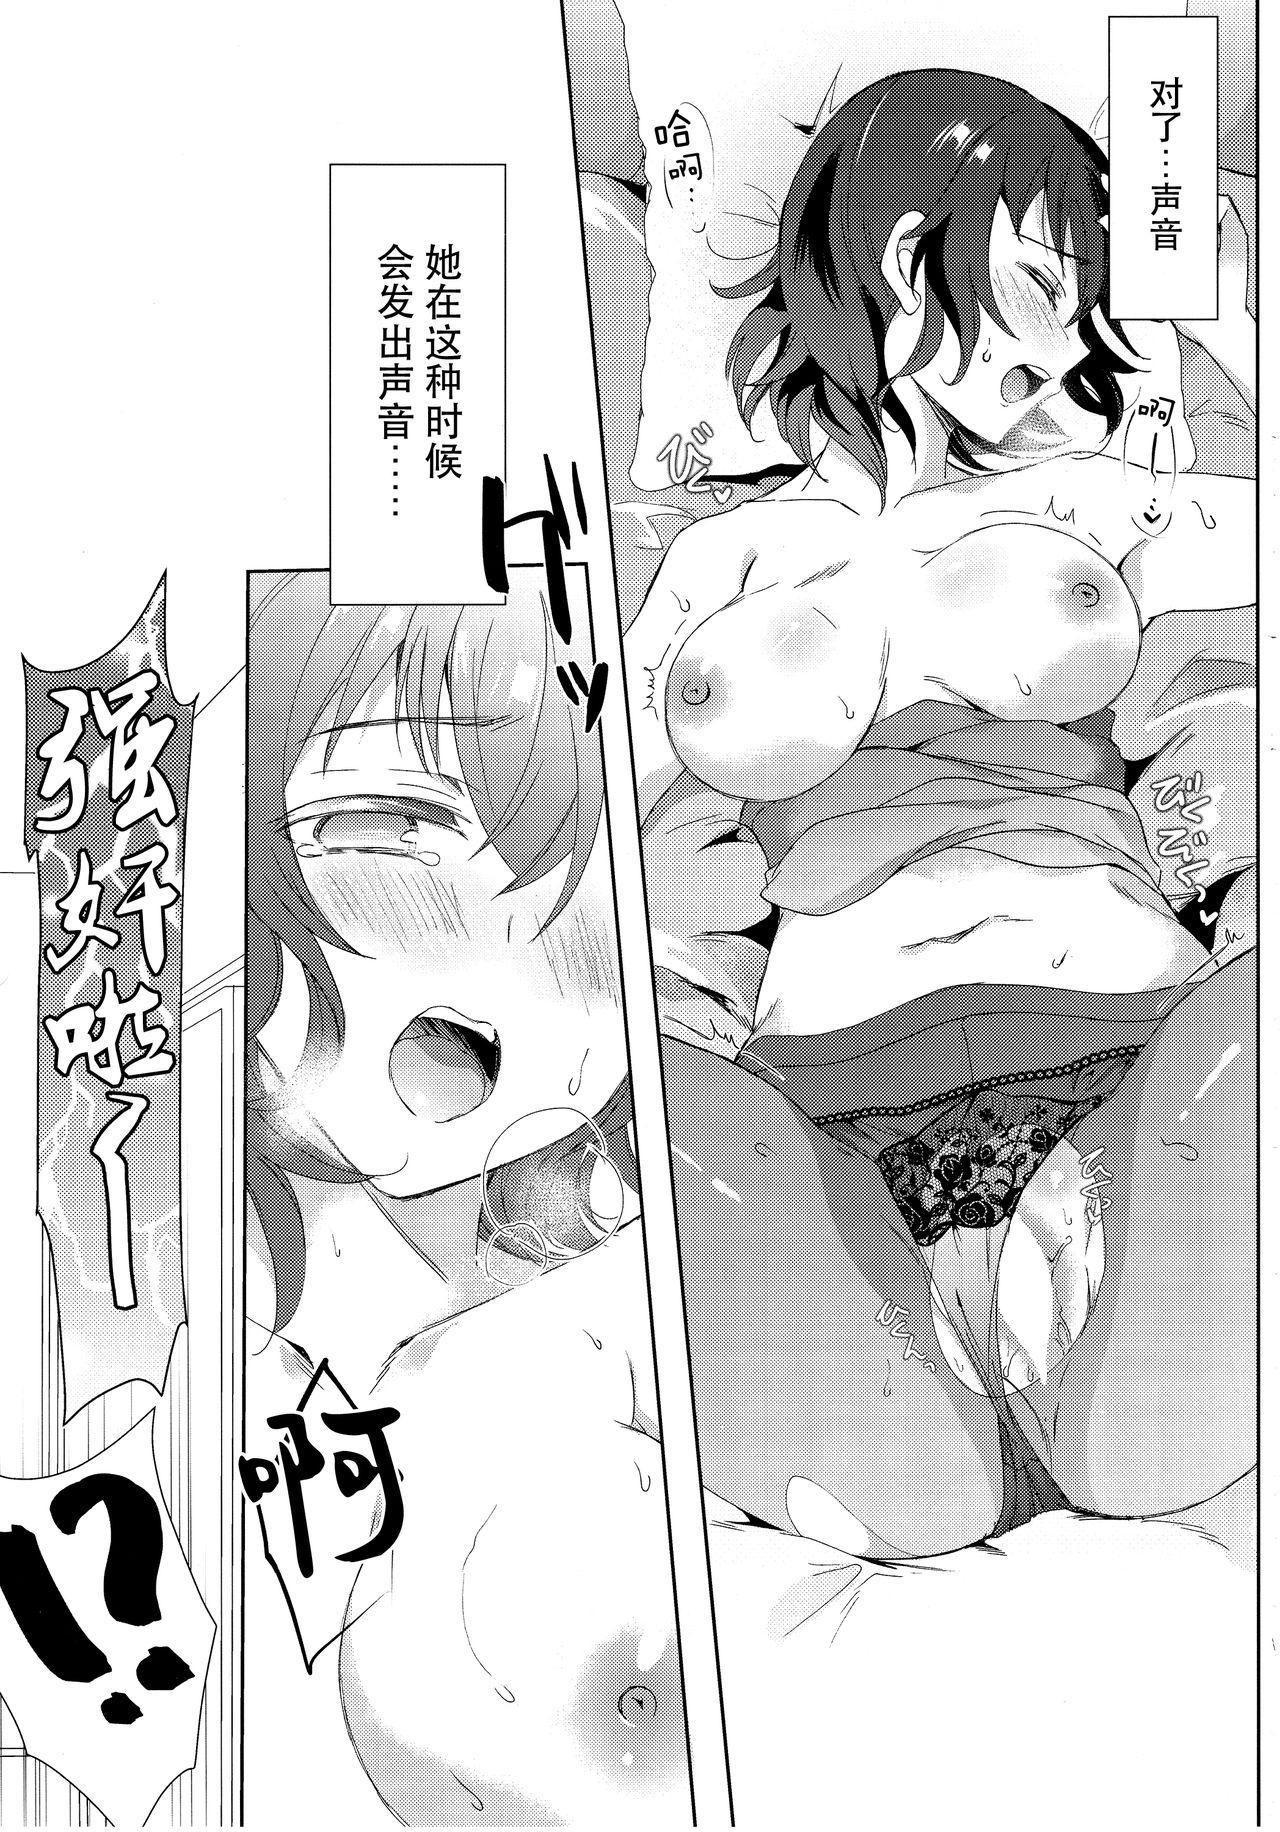 Takako 28-sai Shojo desu 8